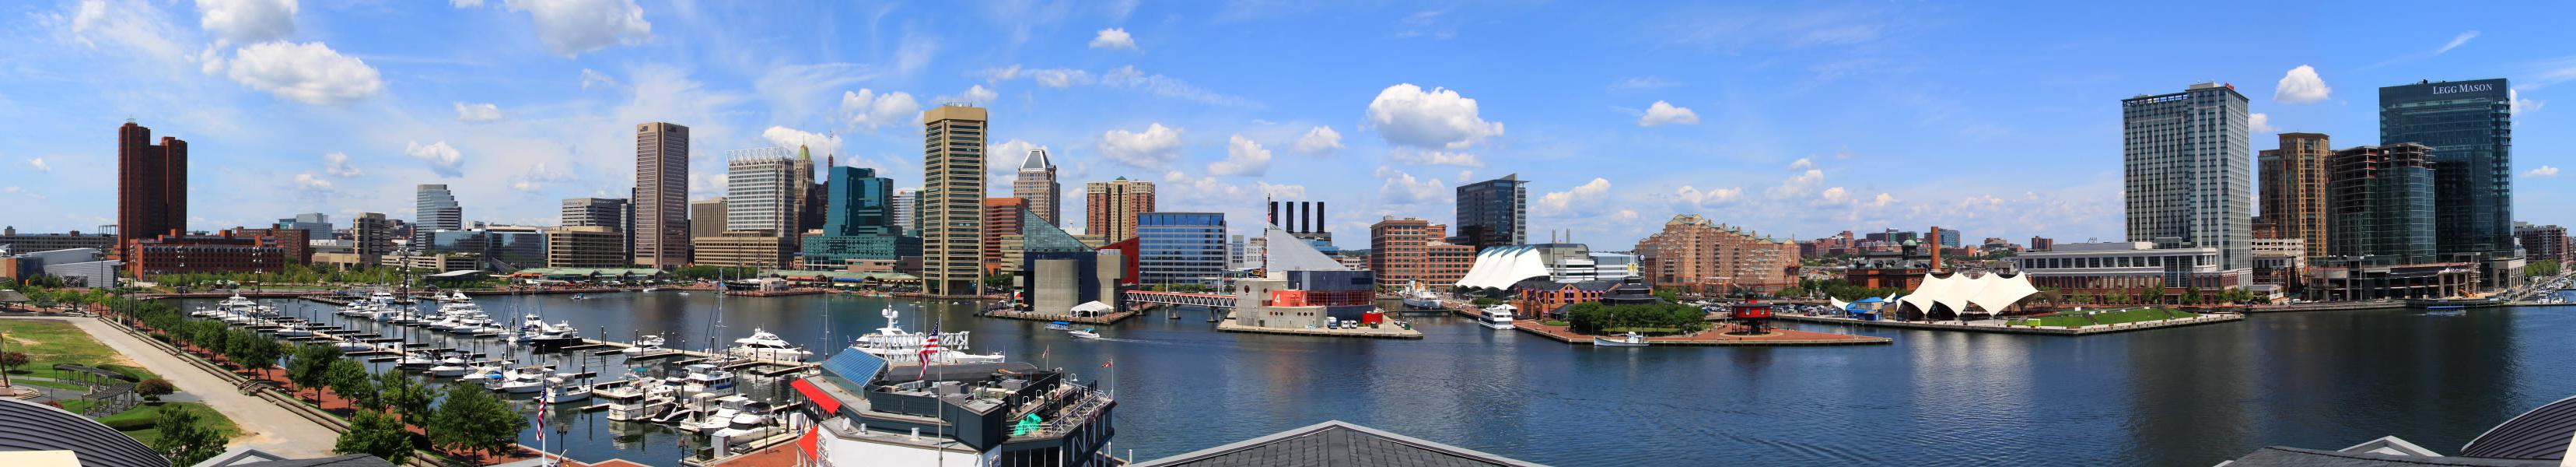 BaltimorePano